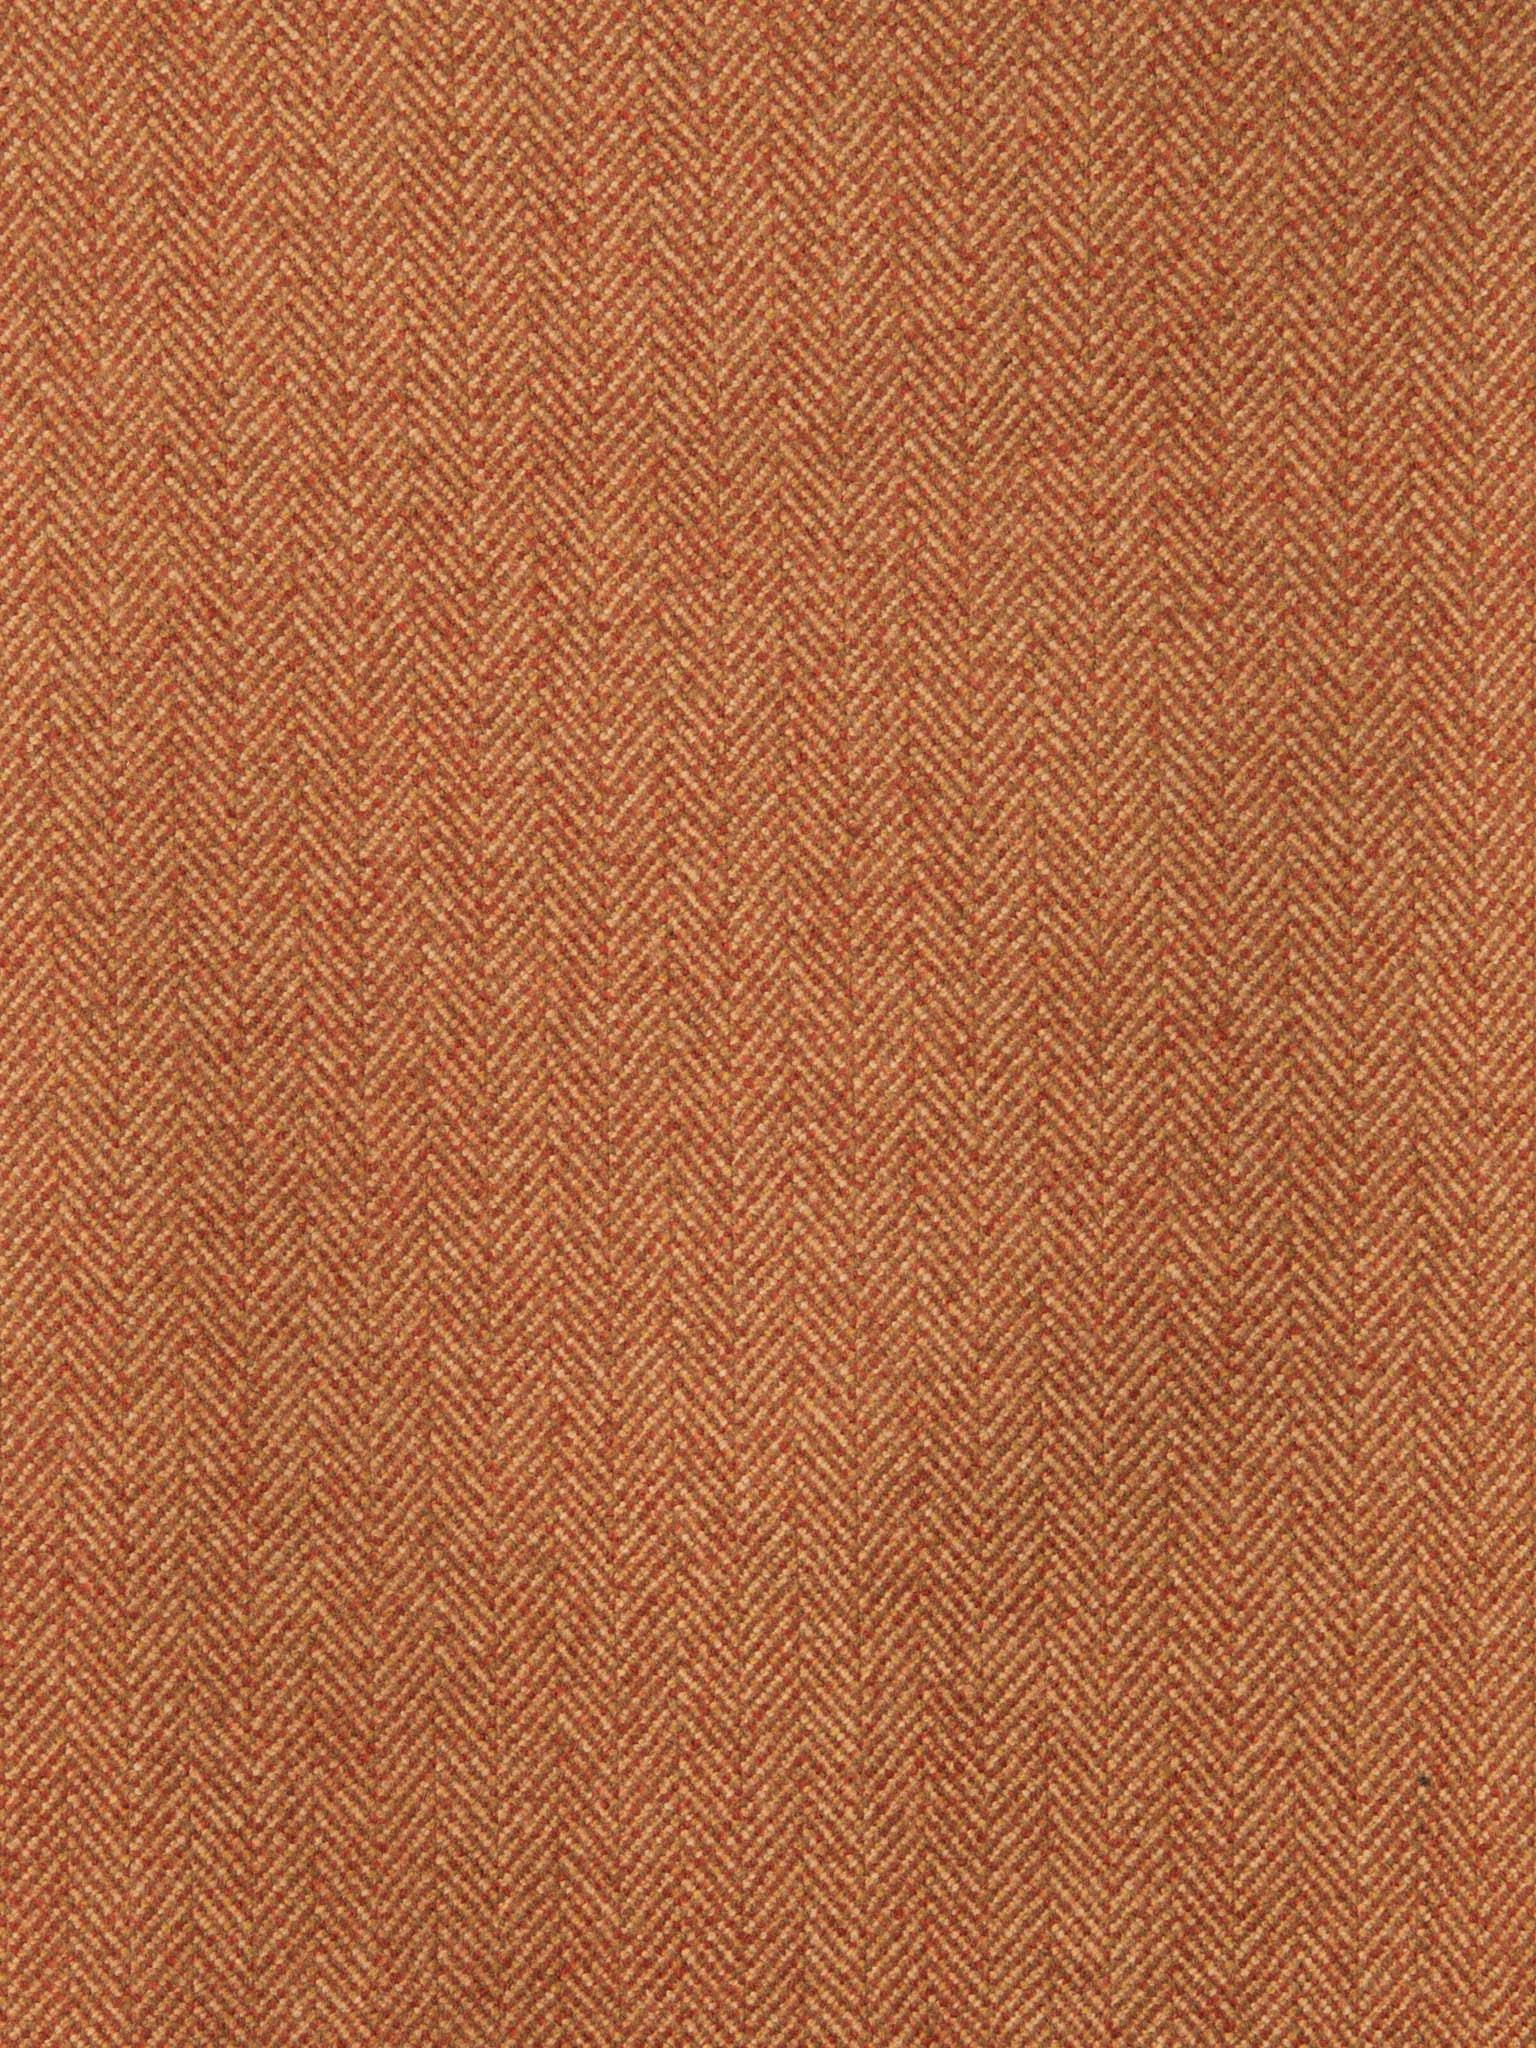 Savile Row Windsor Tweed DE12103